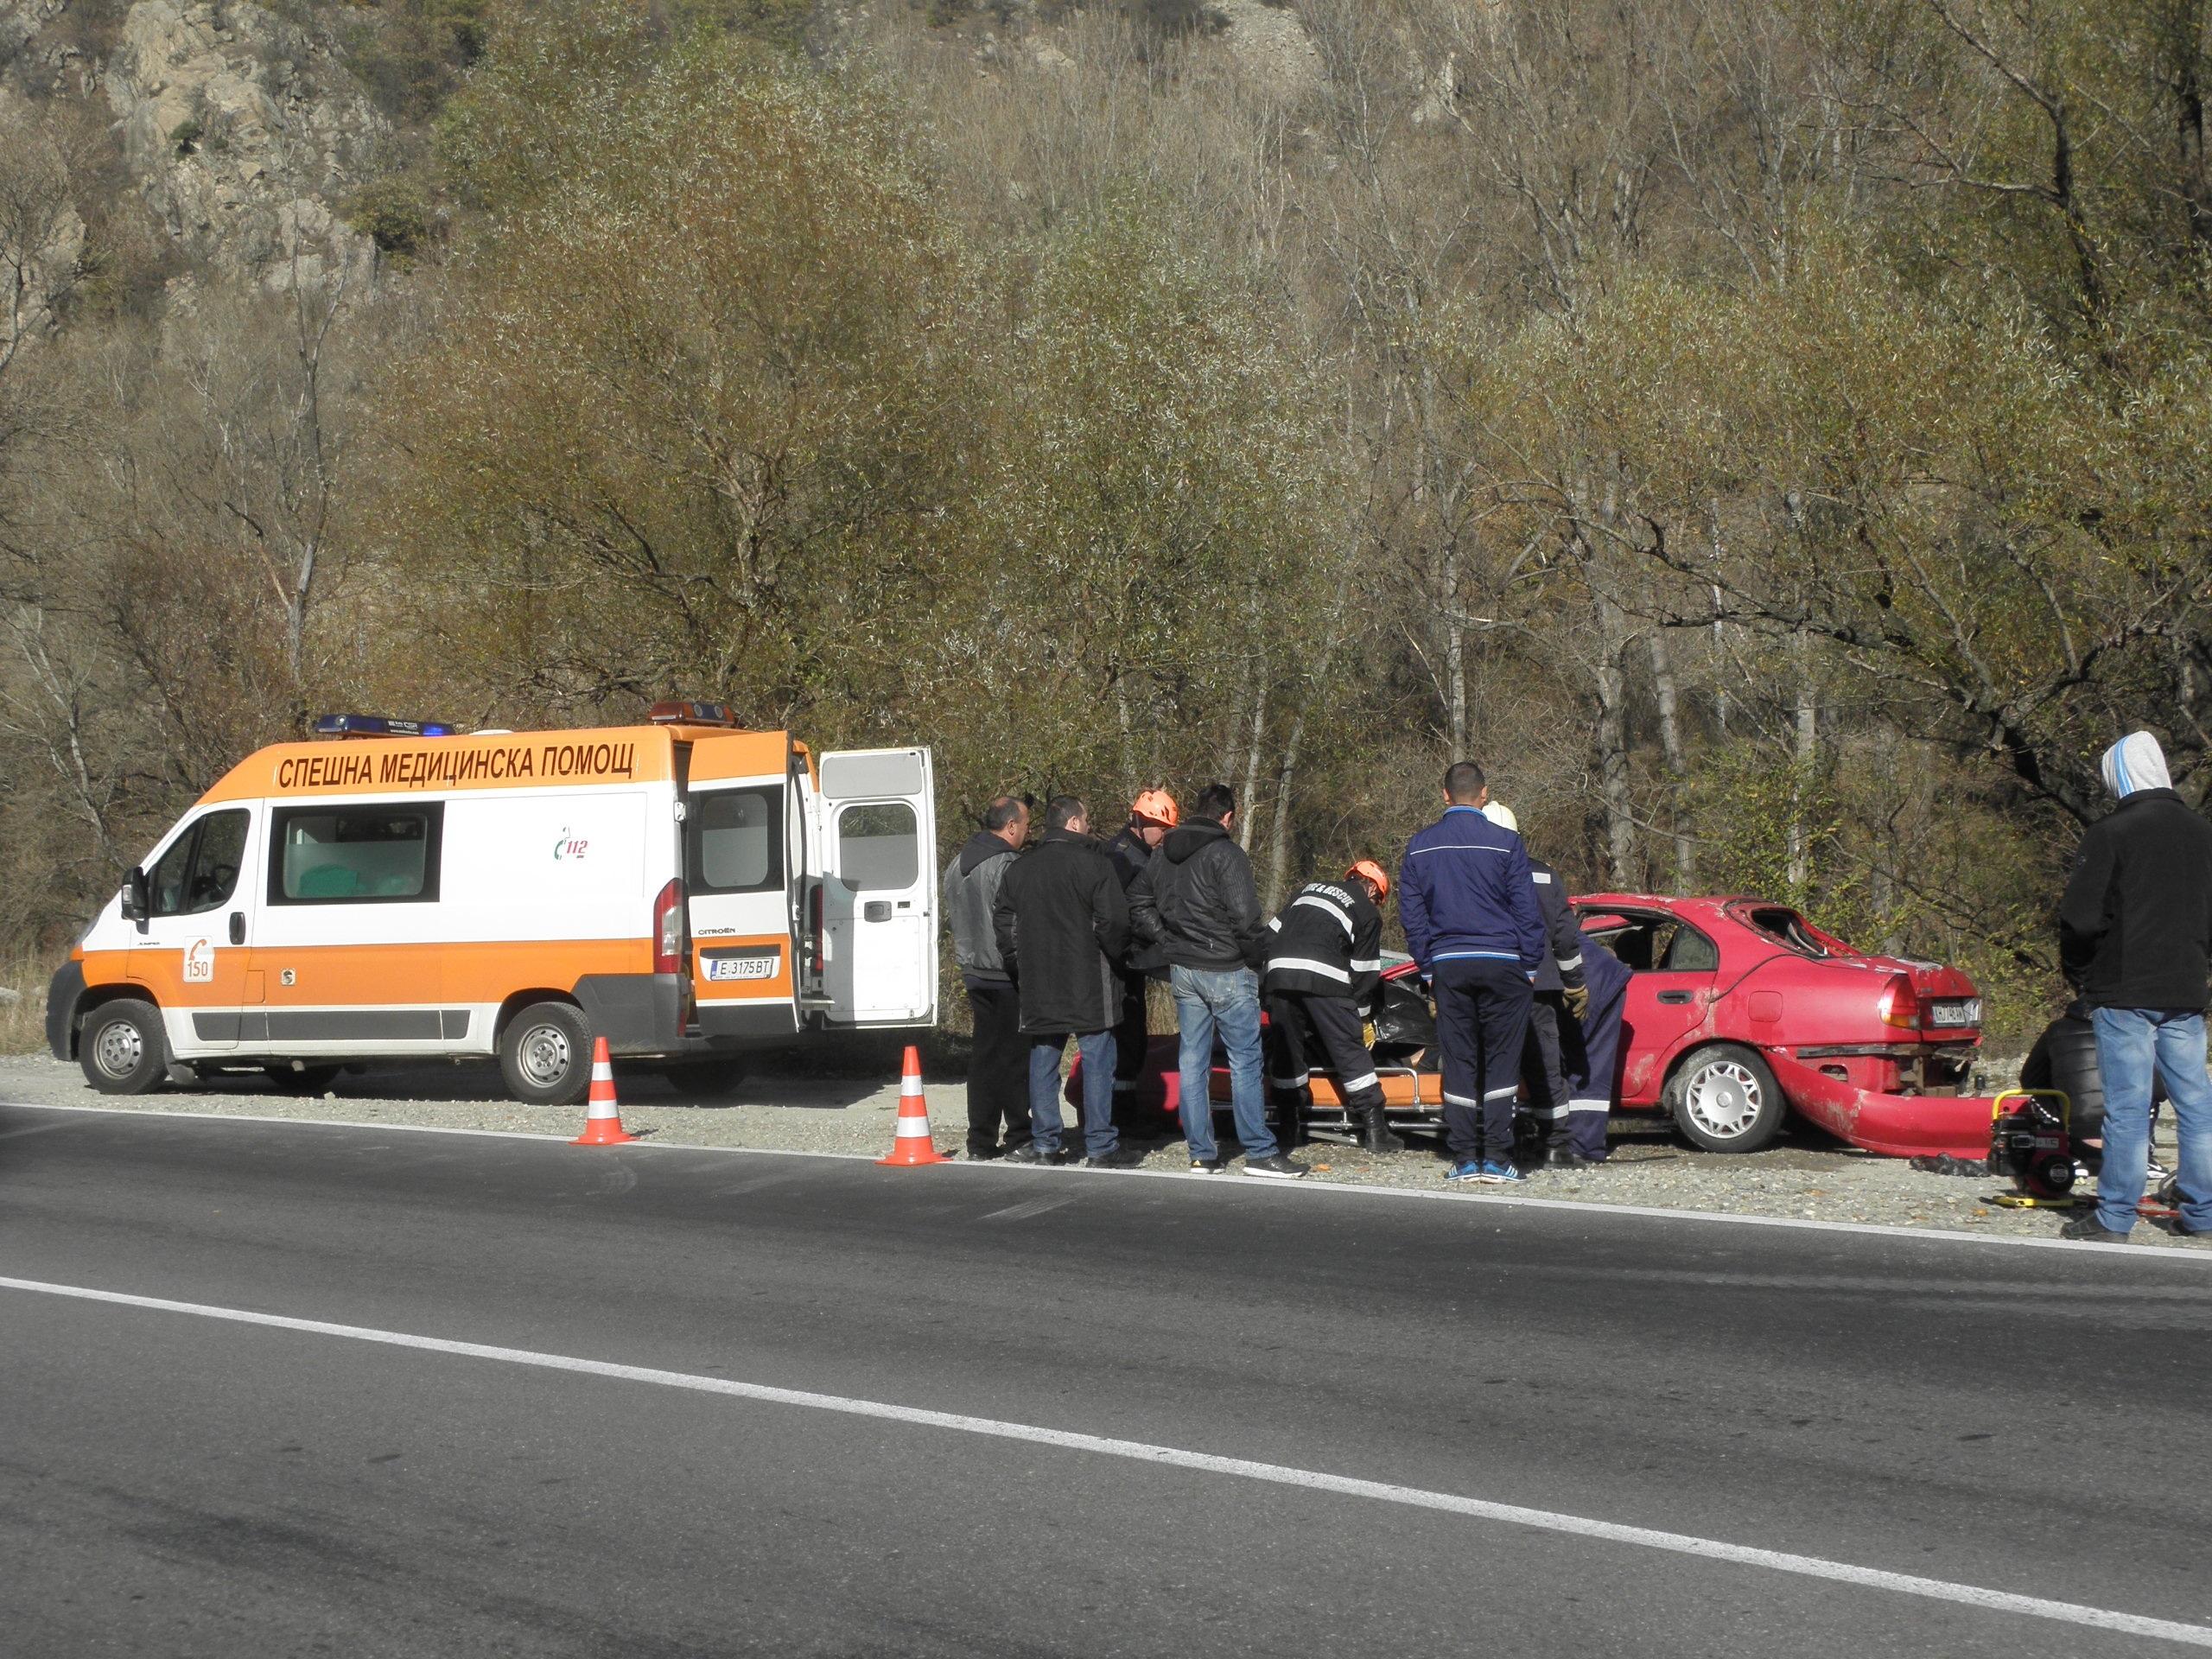 46-годишен мъж, обявен за издирване, е намерен мъртъв в паднал автомобил в река Струма днес. Християн Х. от град Кюстендил изчезнал рано в петък през нощта на път от Петрич за Кюстендил. В Петрич бил на гости на приятели. Сигналът за паднал по таван в река Струма край Е-79 лек автомобил е подаден към 11 часа днес.